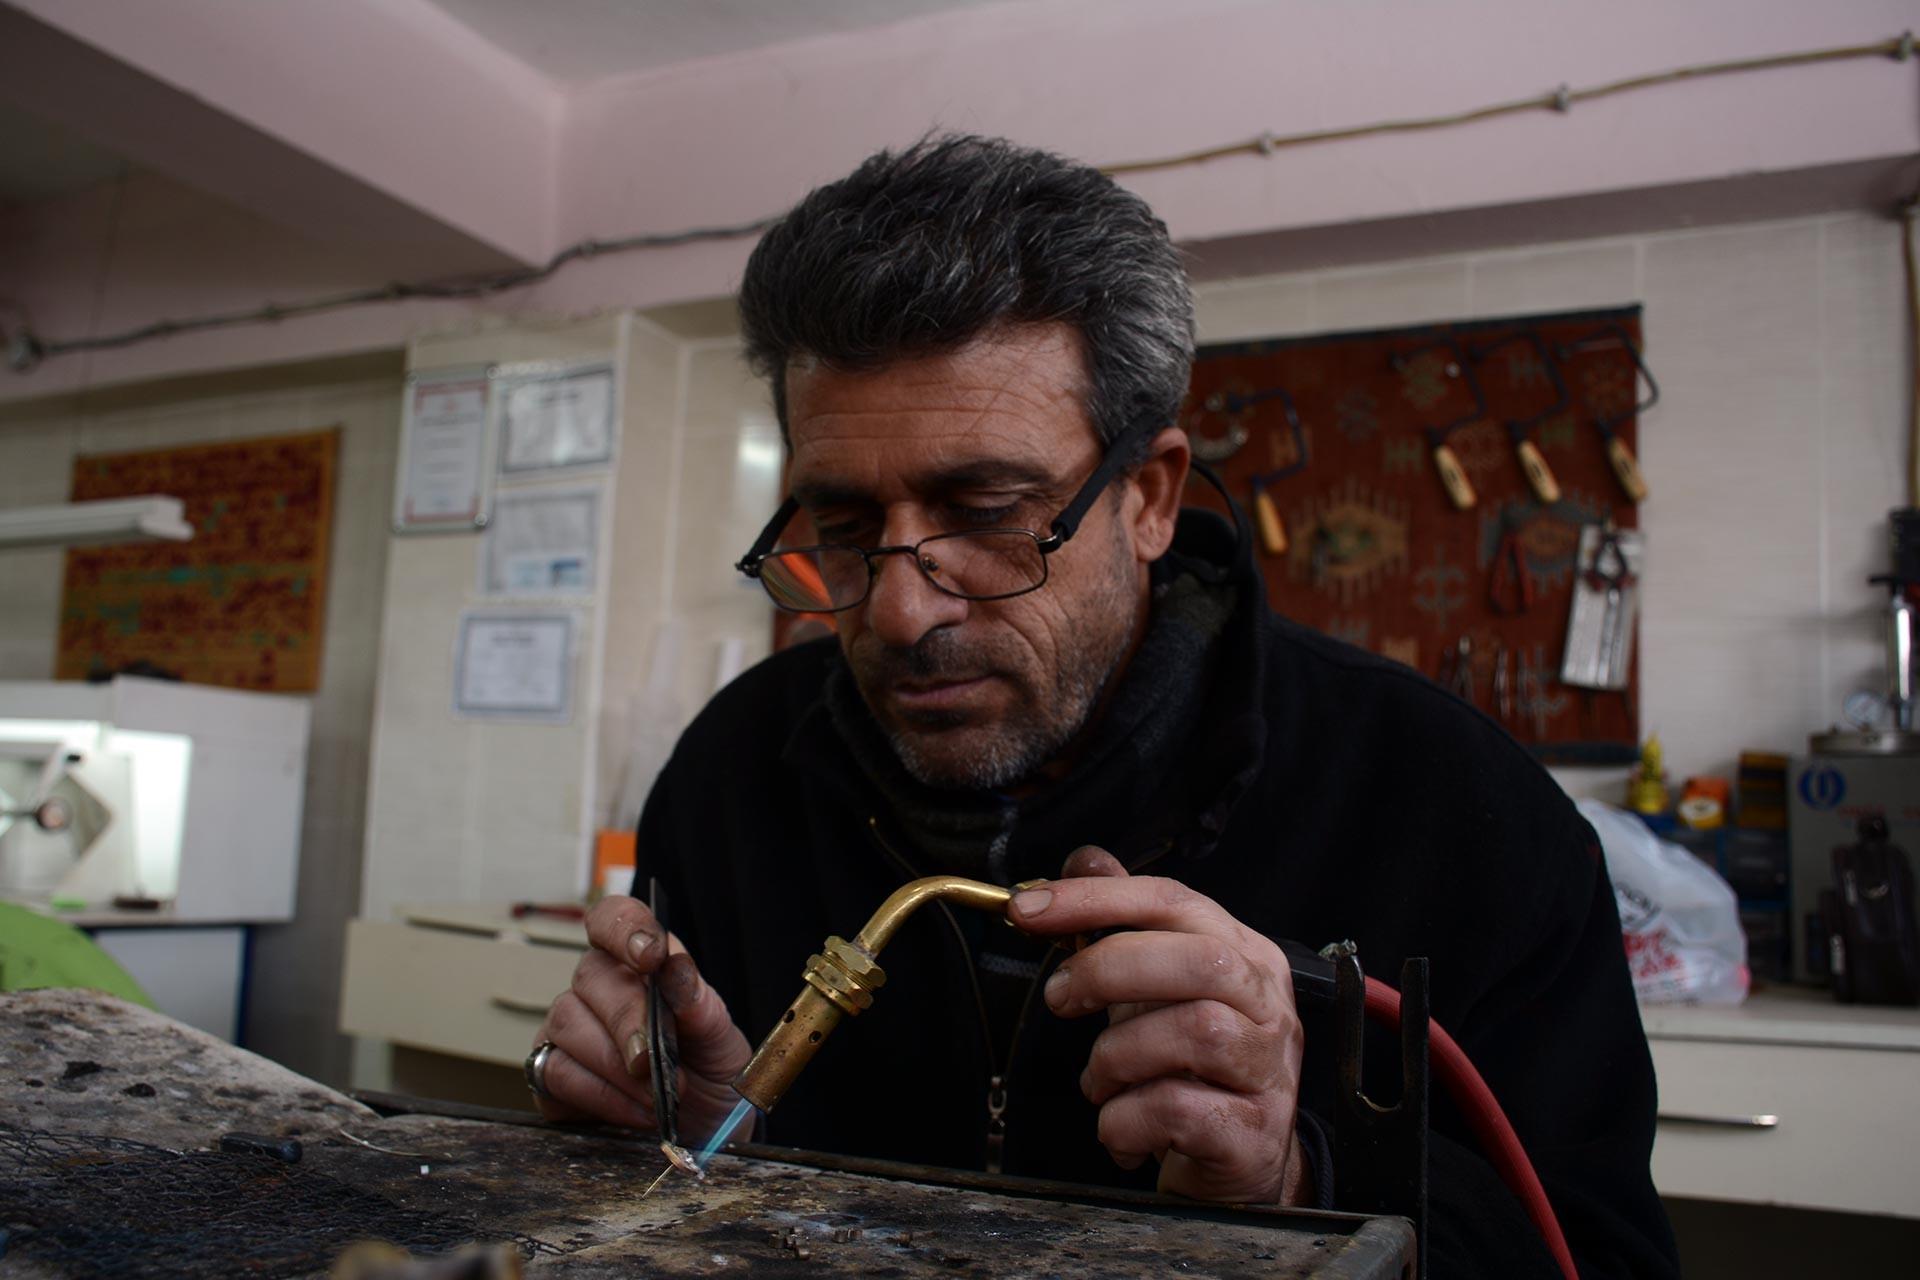 Van'da 2800 yıldır icra edilen geleneksel savat sanatı